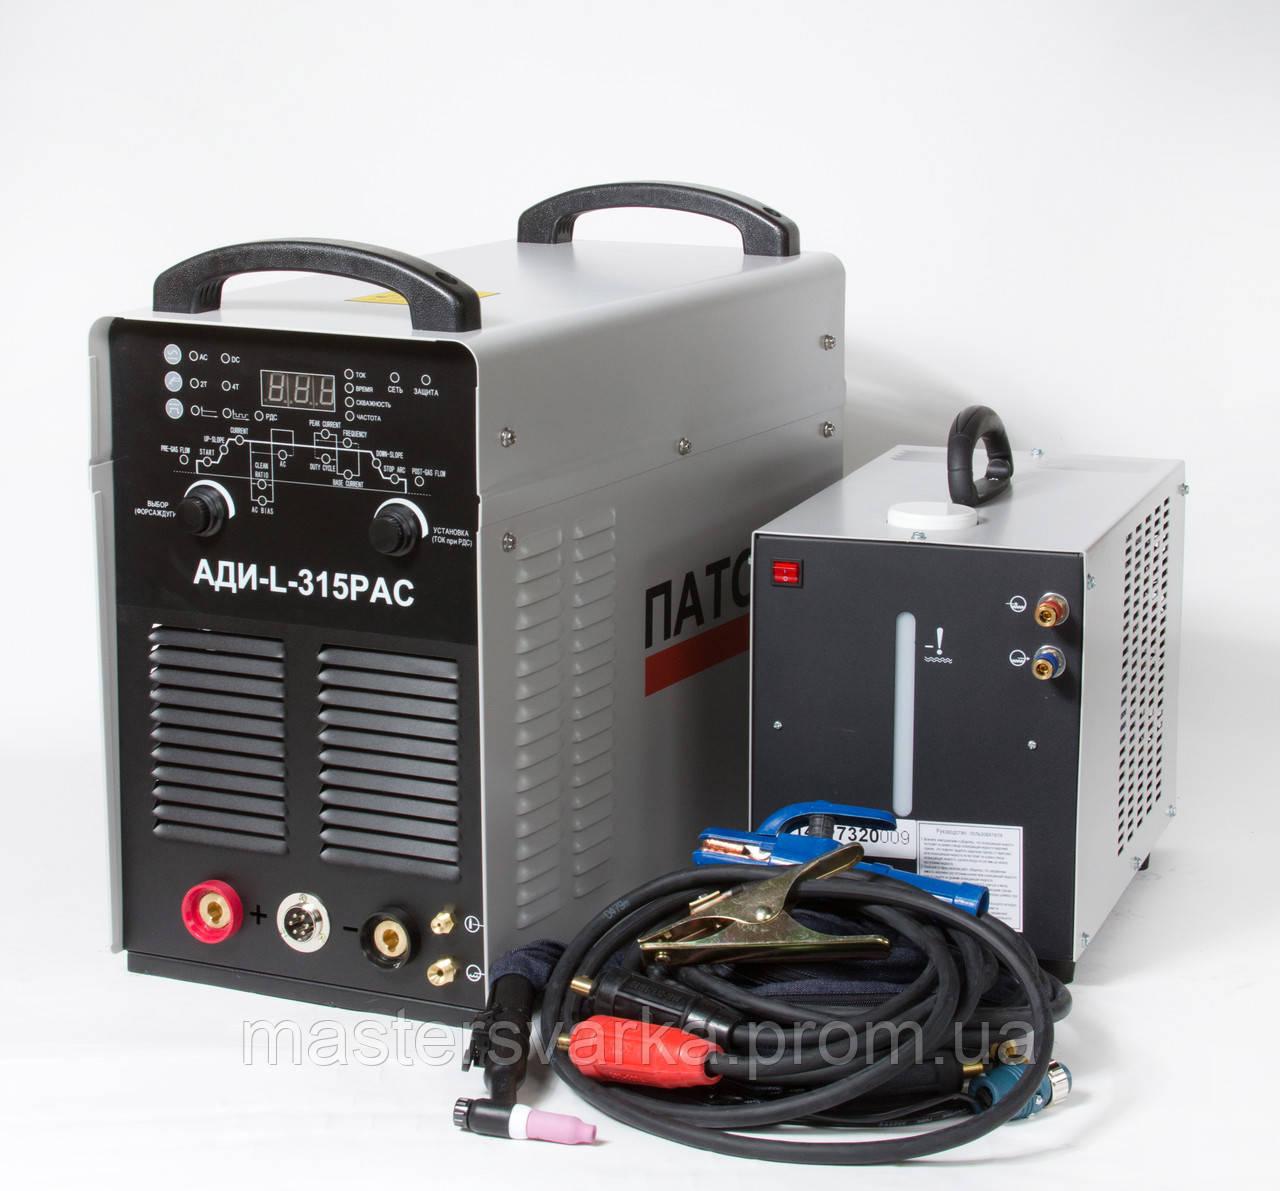 Сварочный аргонодуговой аппарат для сварки алюминия Патон AДИ-L-315Р AC/DC TIG/MMA